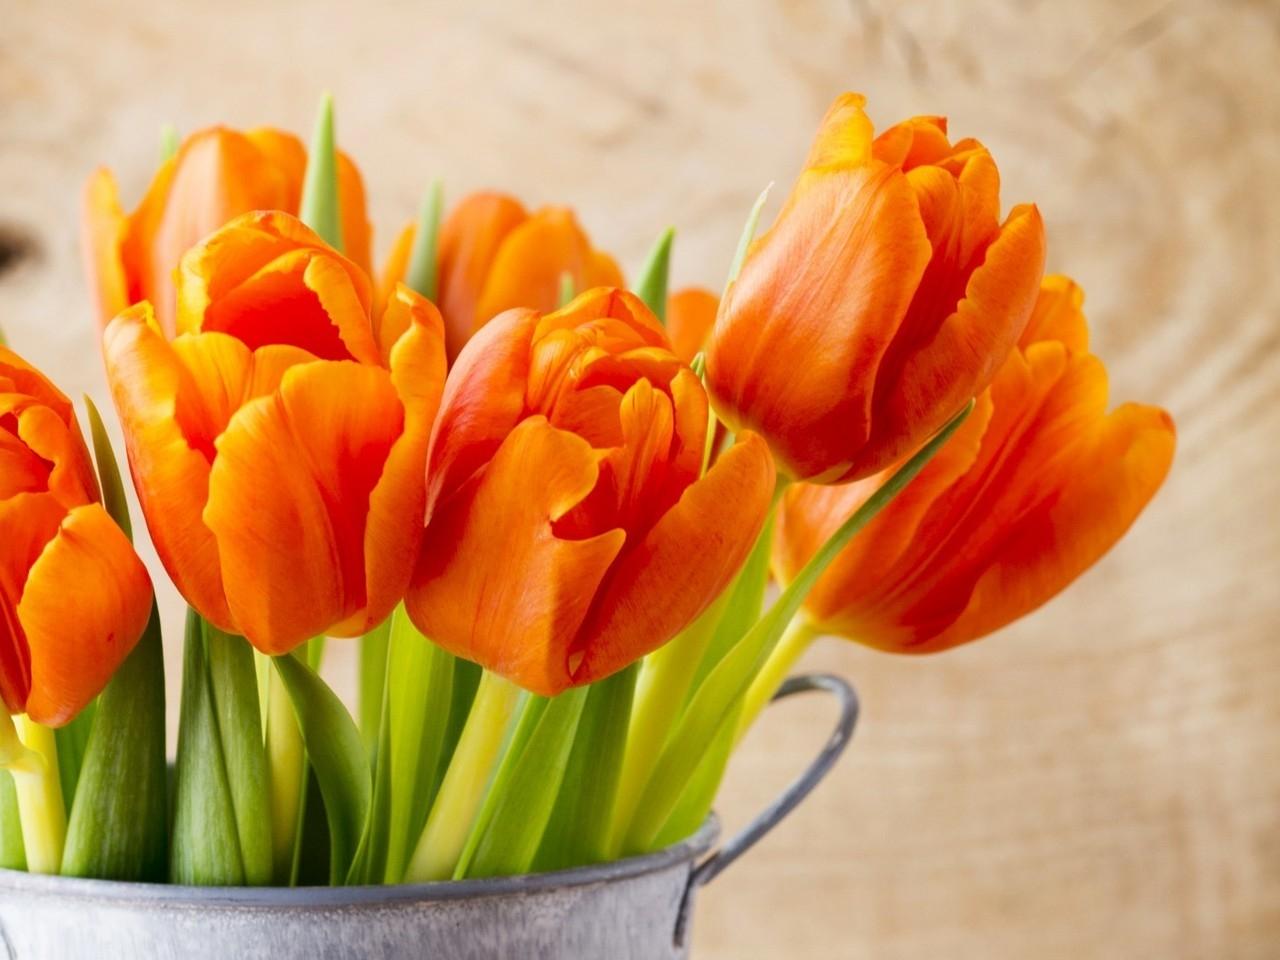 Banco de im genes 12 fotos de flores preciosas en varios colores para compartir - Fotos flores preciosas ...